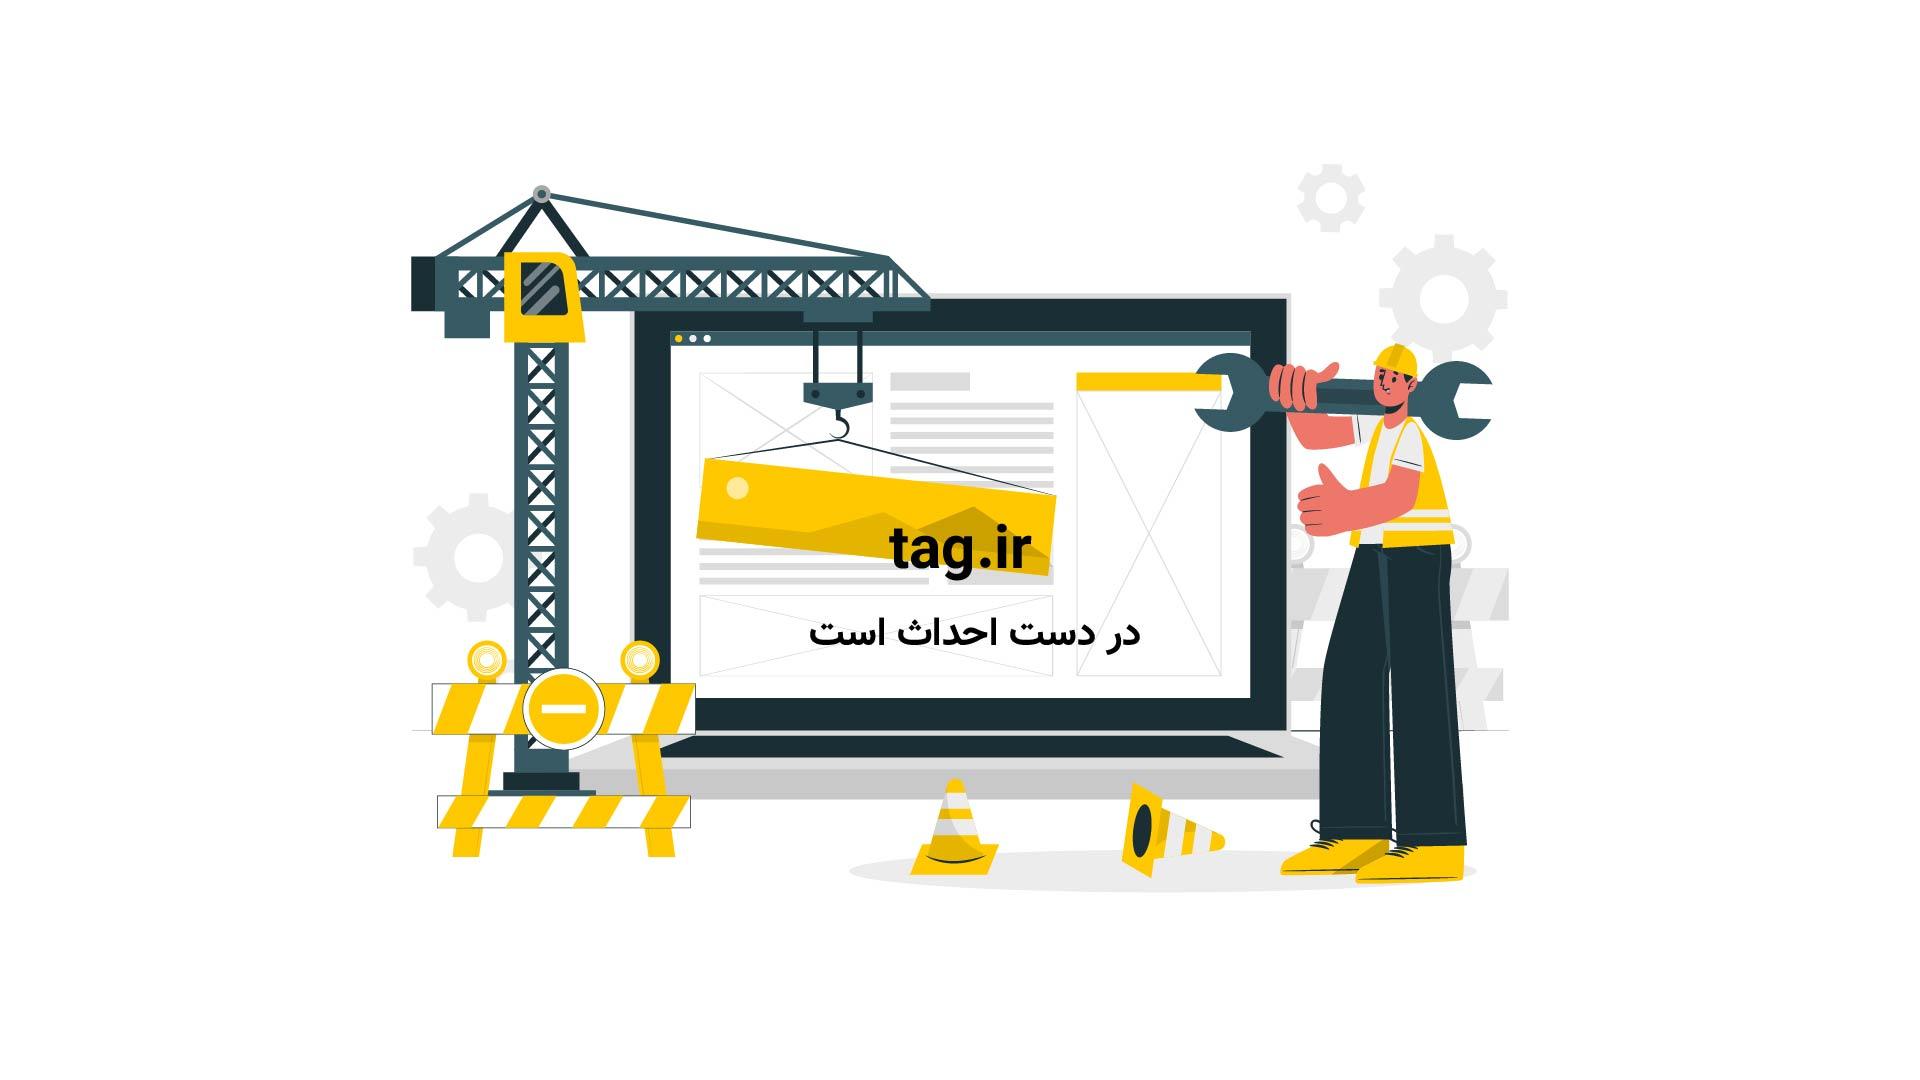 کارتون انگری بردز؛ این قسمت درخت کریسمس | فیلم